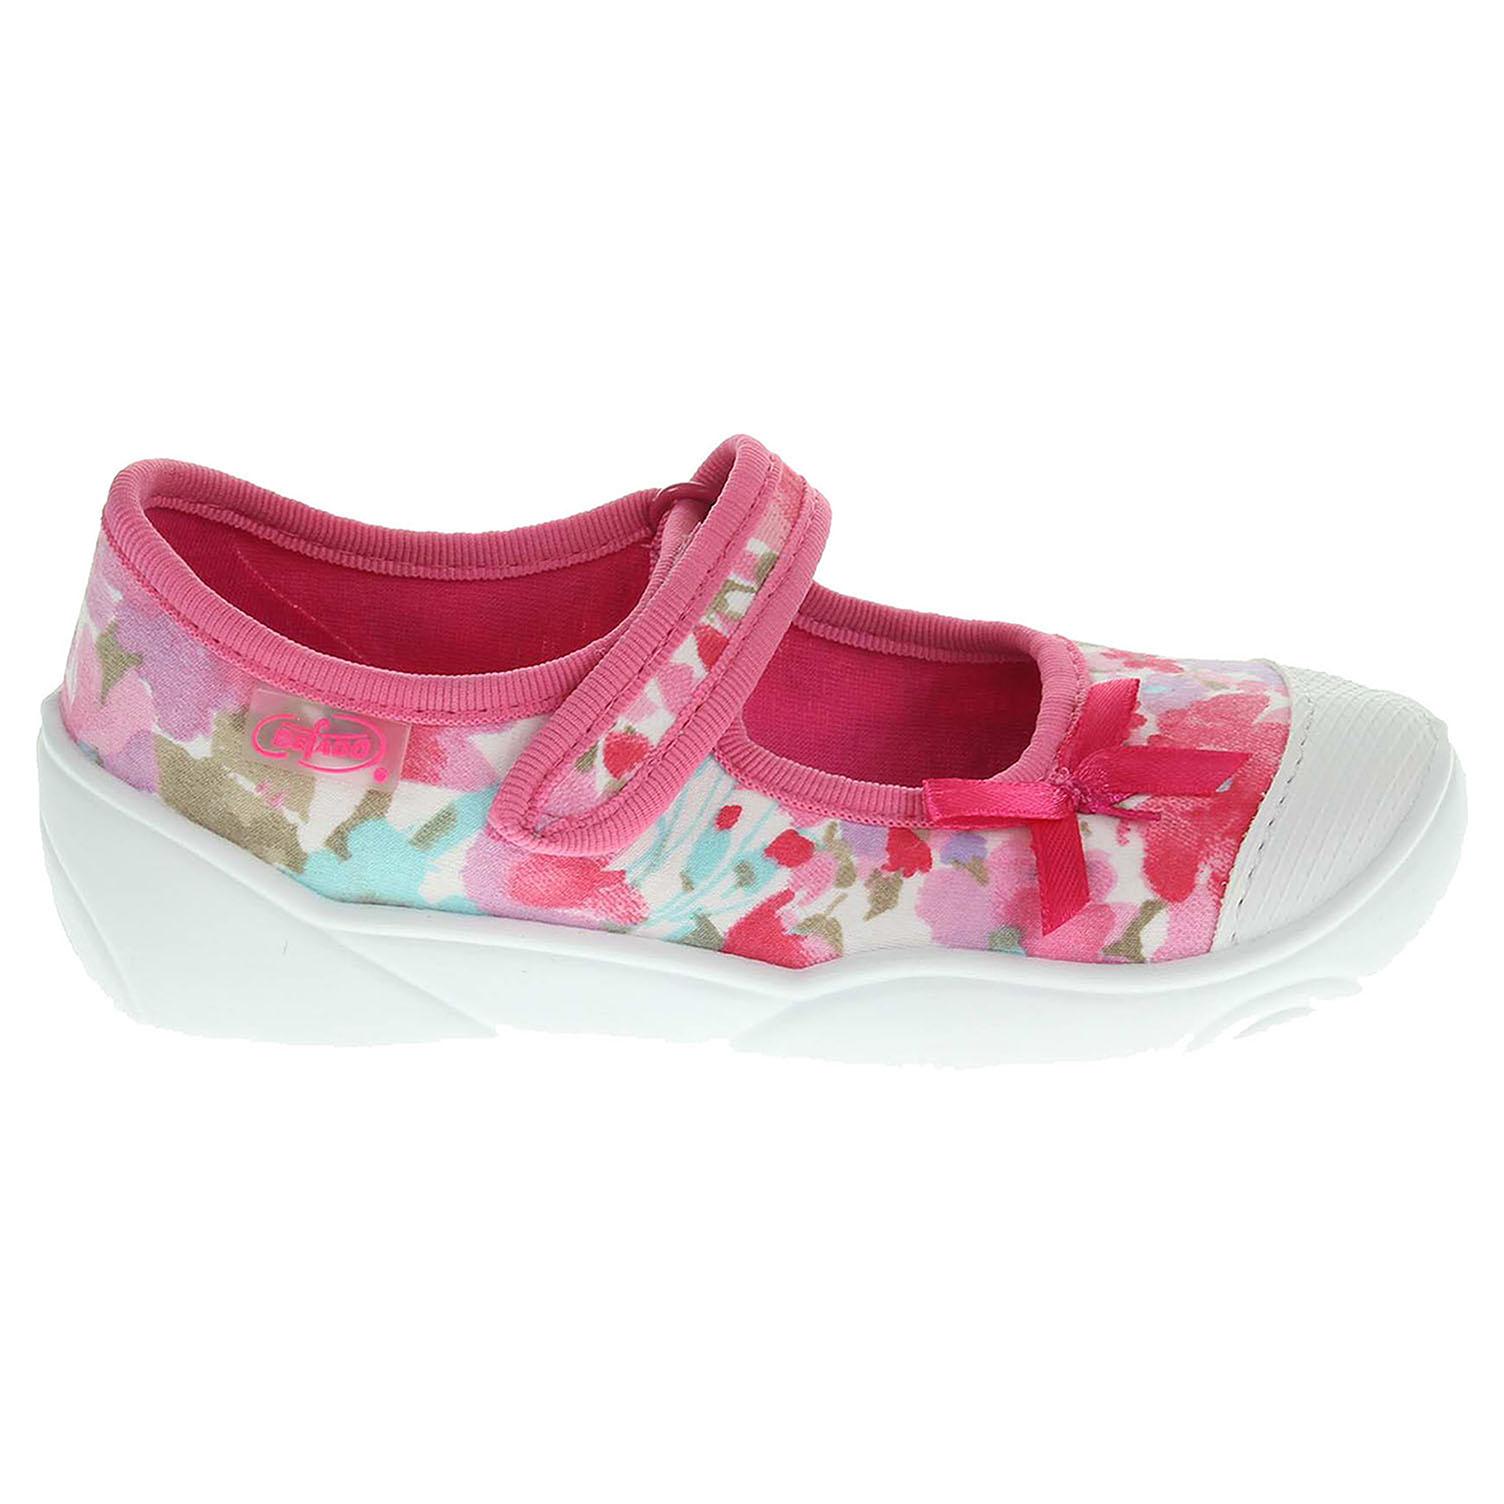 Ecco Befado dívčí baleriny 209P020 růžové 26300052